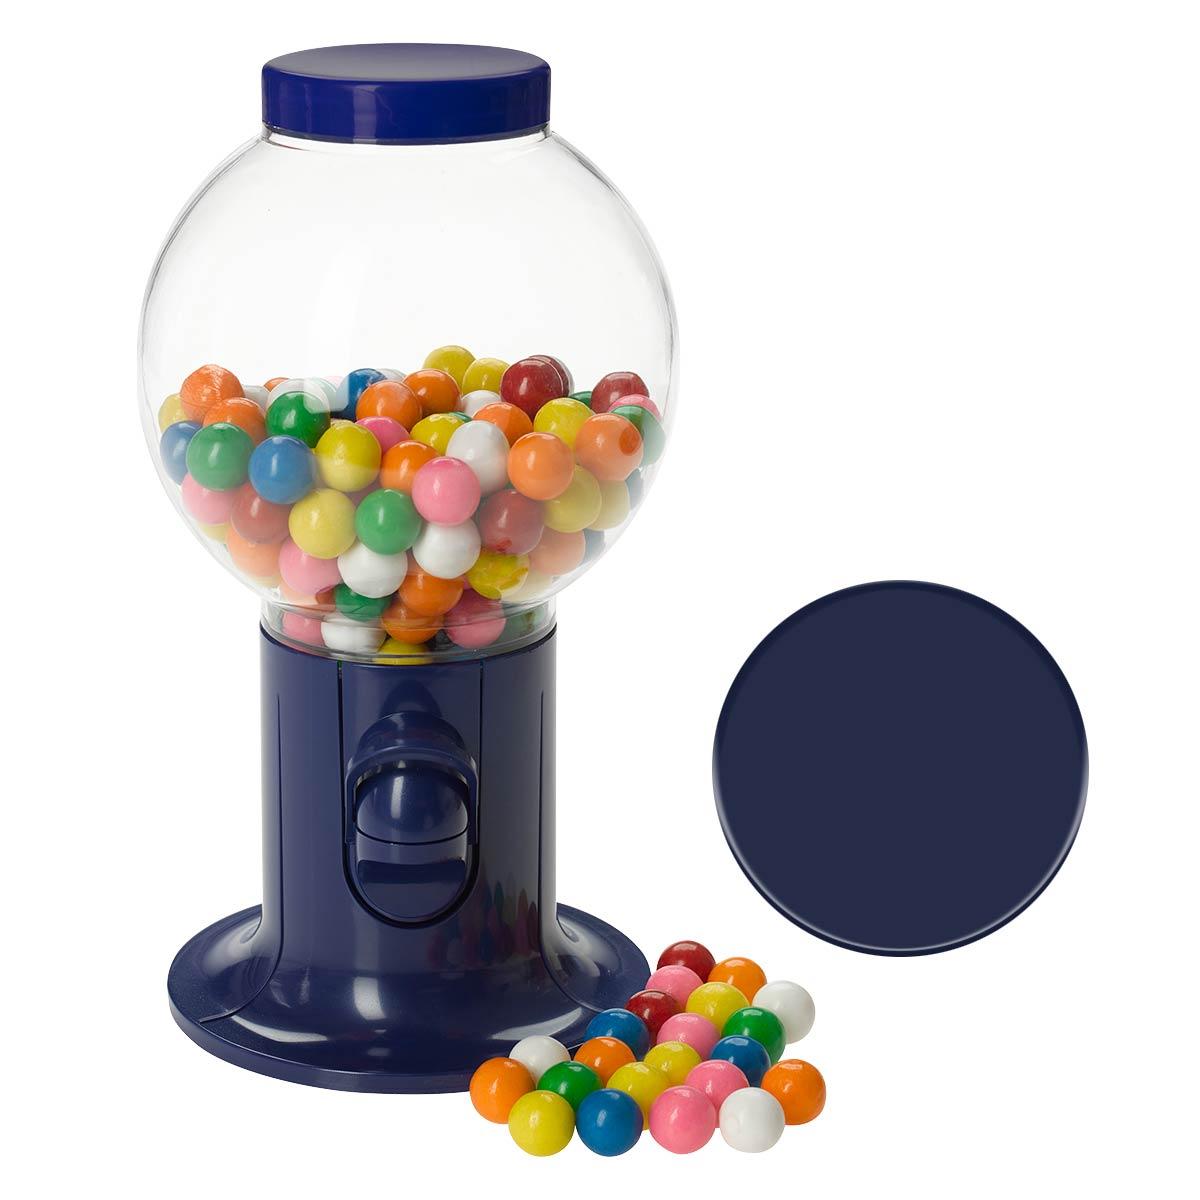 Navygumball